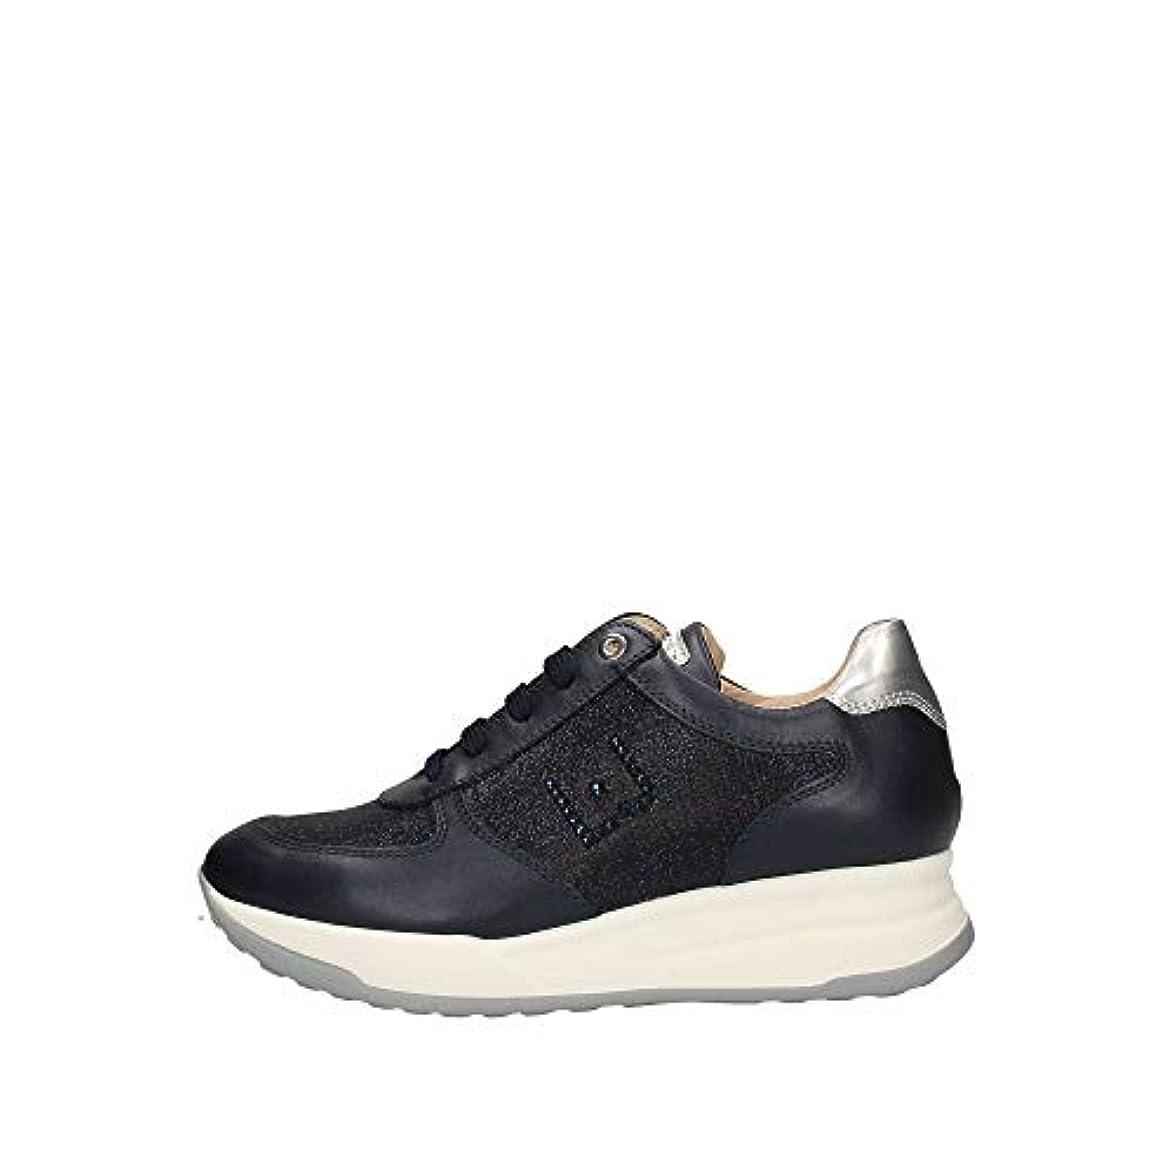 Liu jo Girl L4a4 20377 0492 Sneakers Donna Blu 36